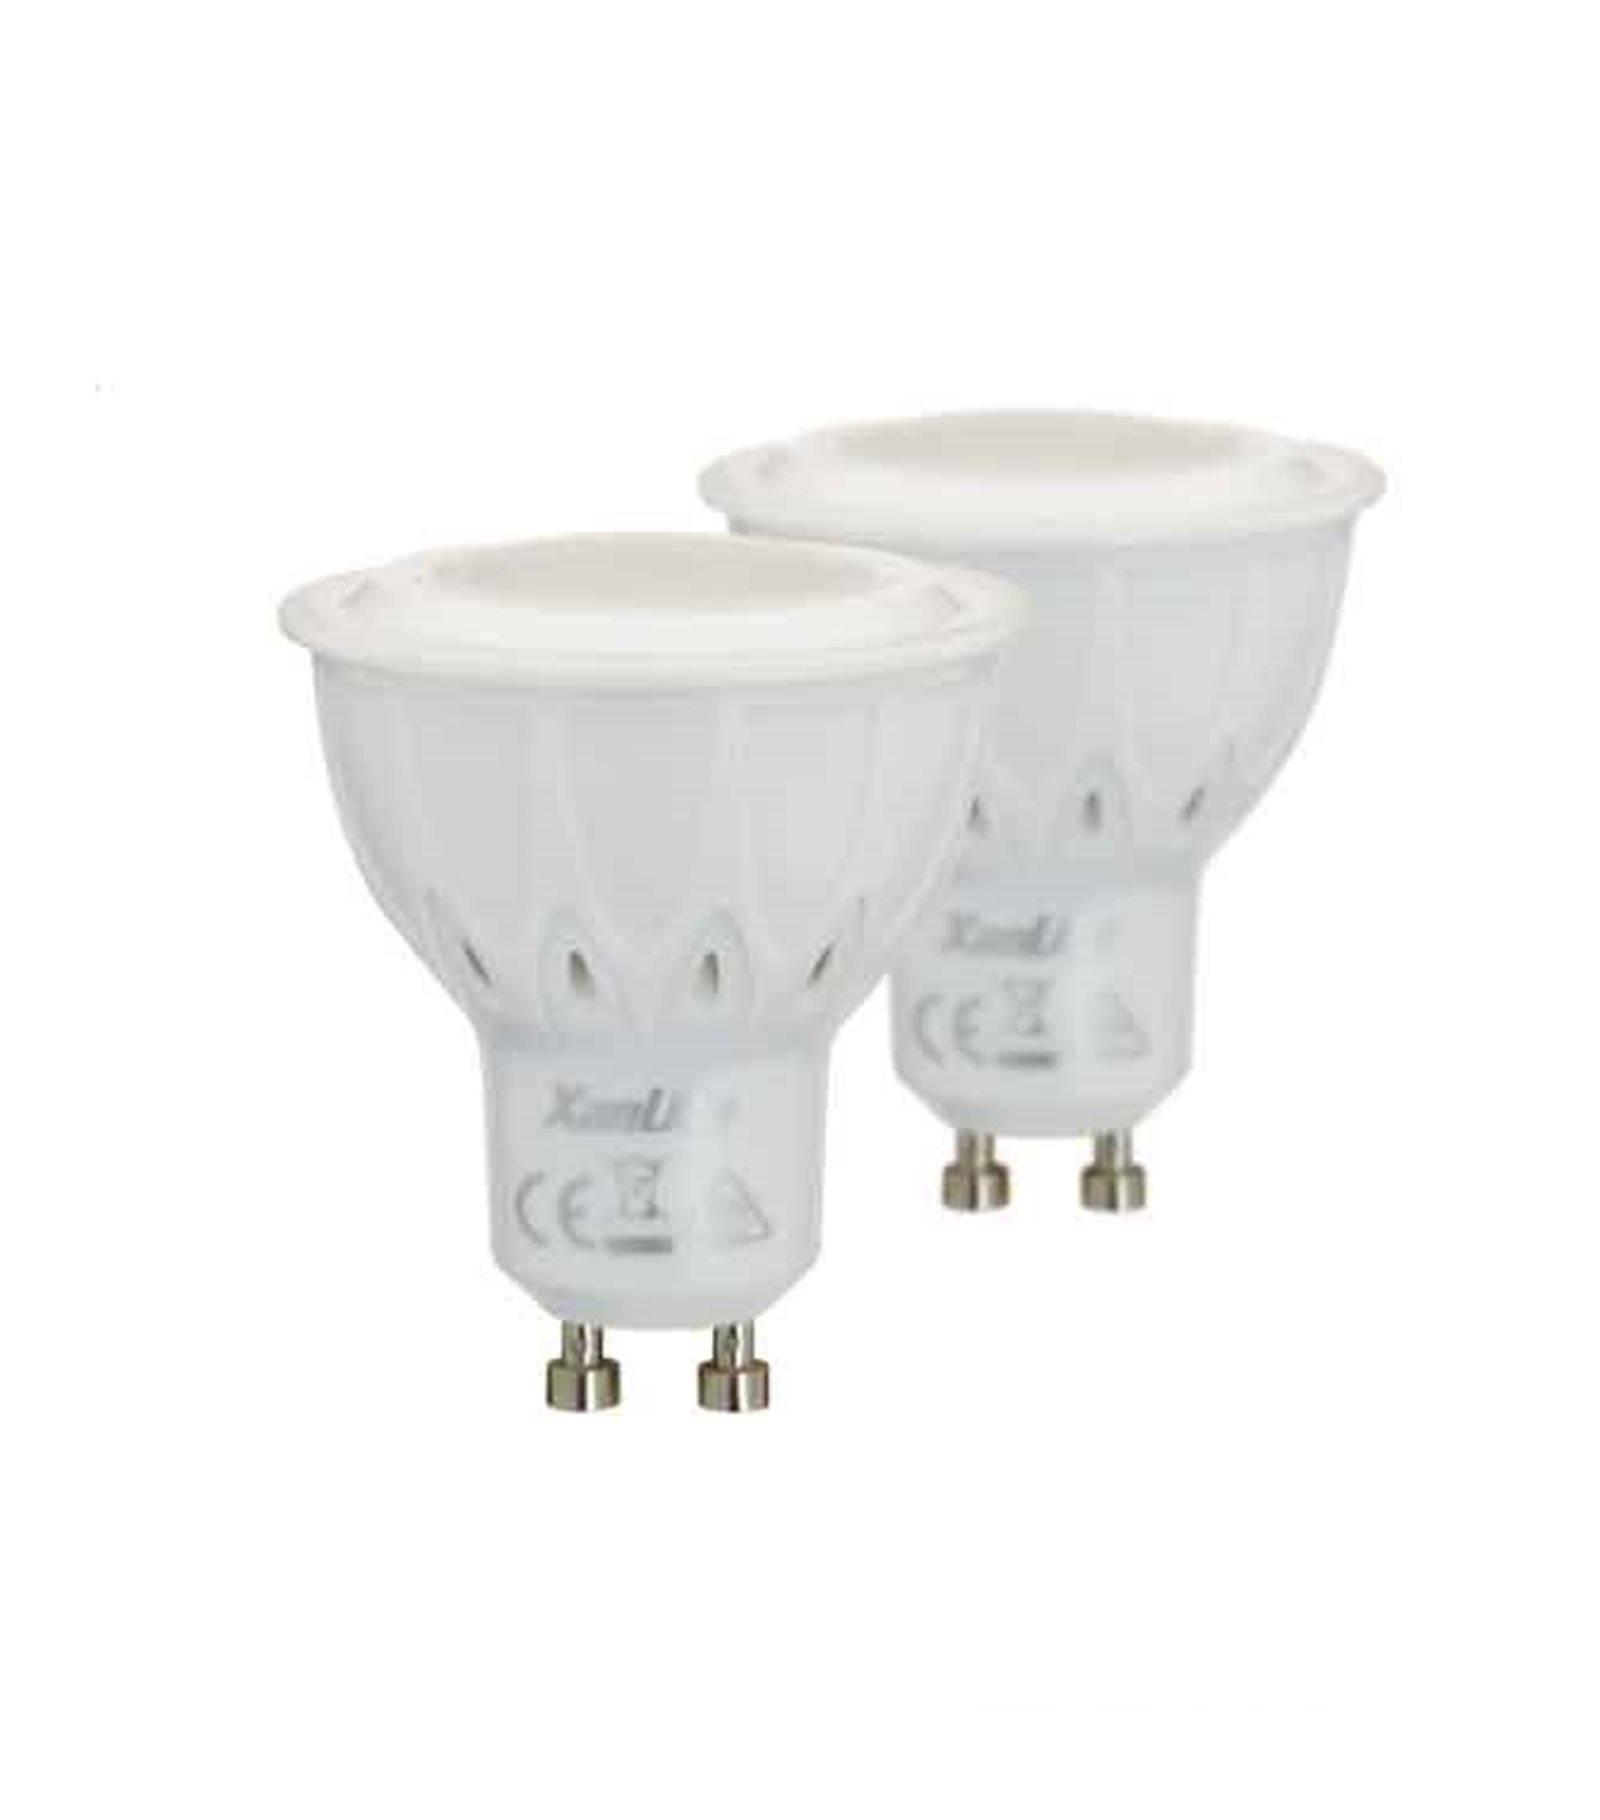 lot de 2 ampoule led gu10 dimmable smd 5 5w 345lm quiv 50w blanc neutre 60 xanlite gu10. Black Bedroom Furniture Sets. Home Design Ideas